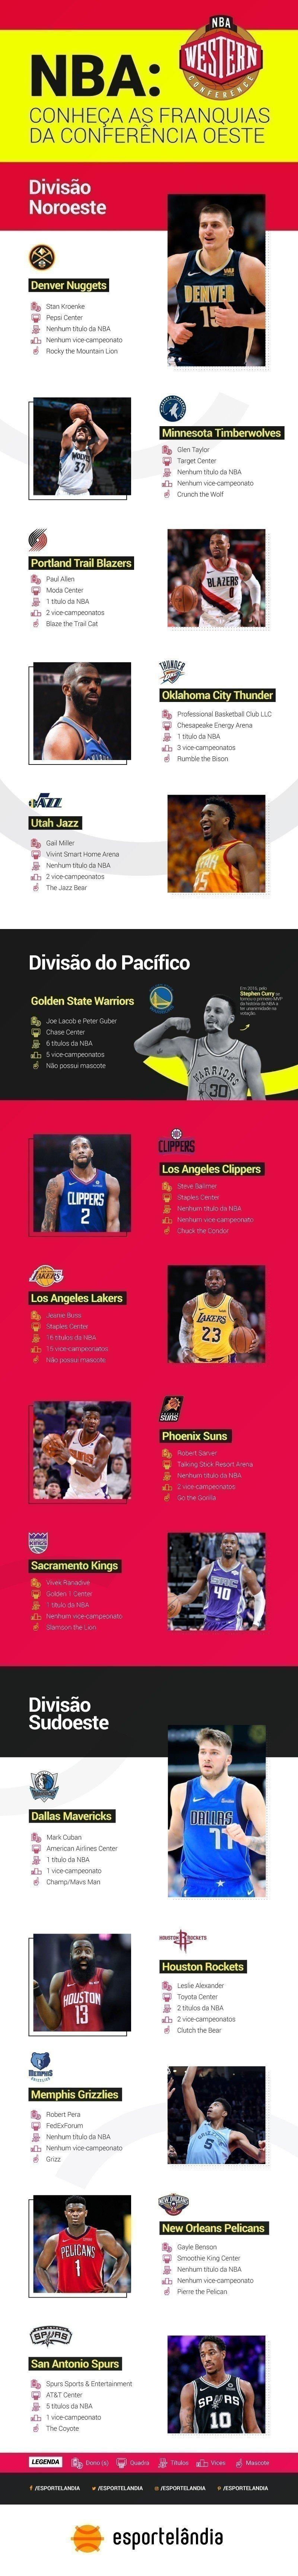 Times da NBA Conferencia Oeste